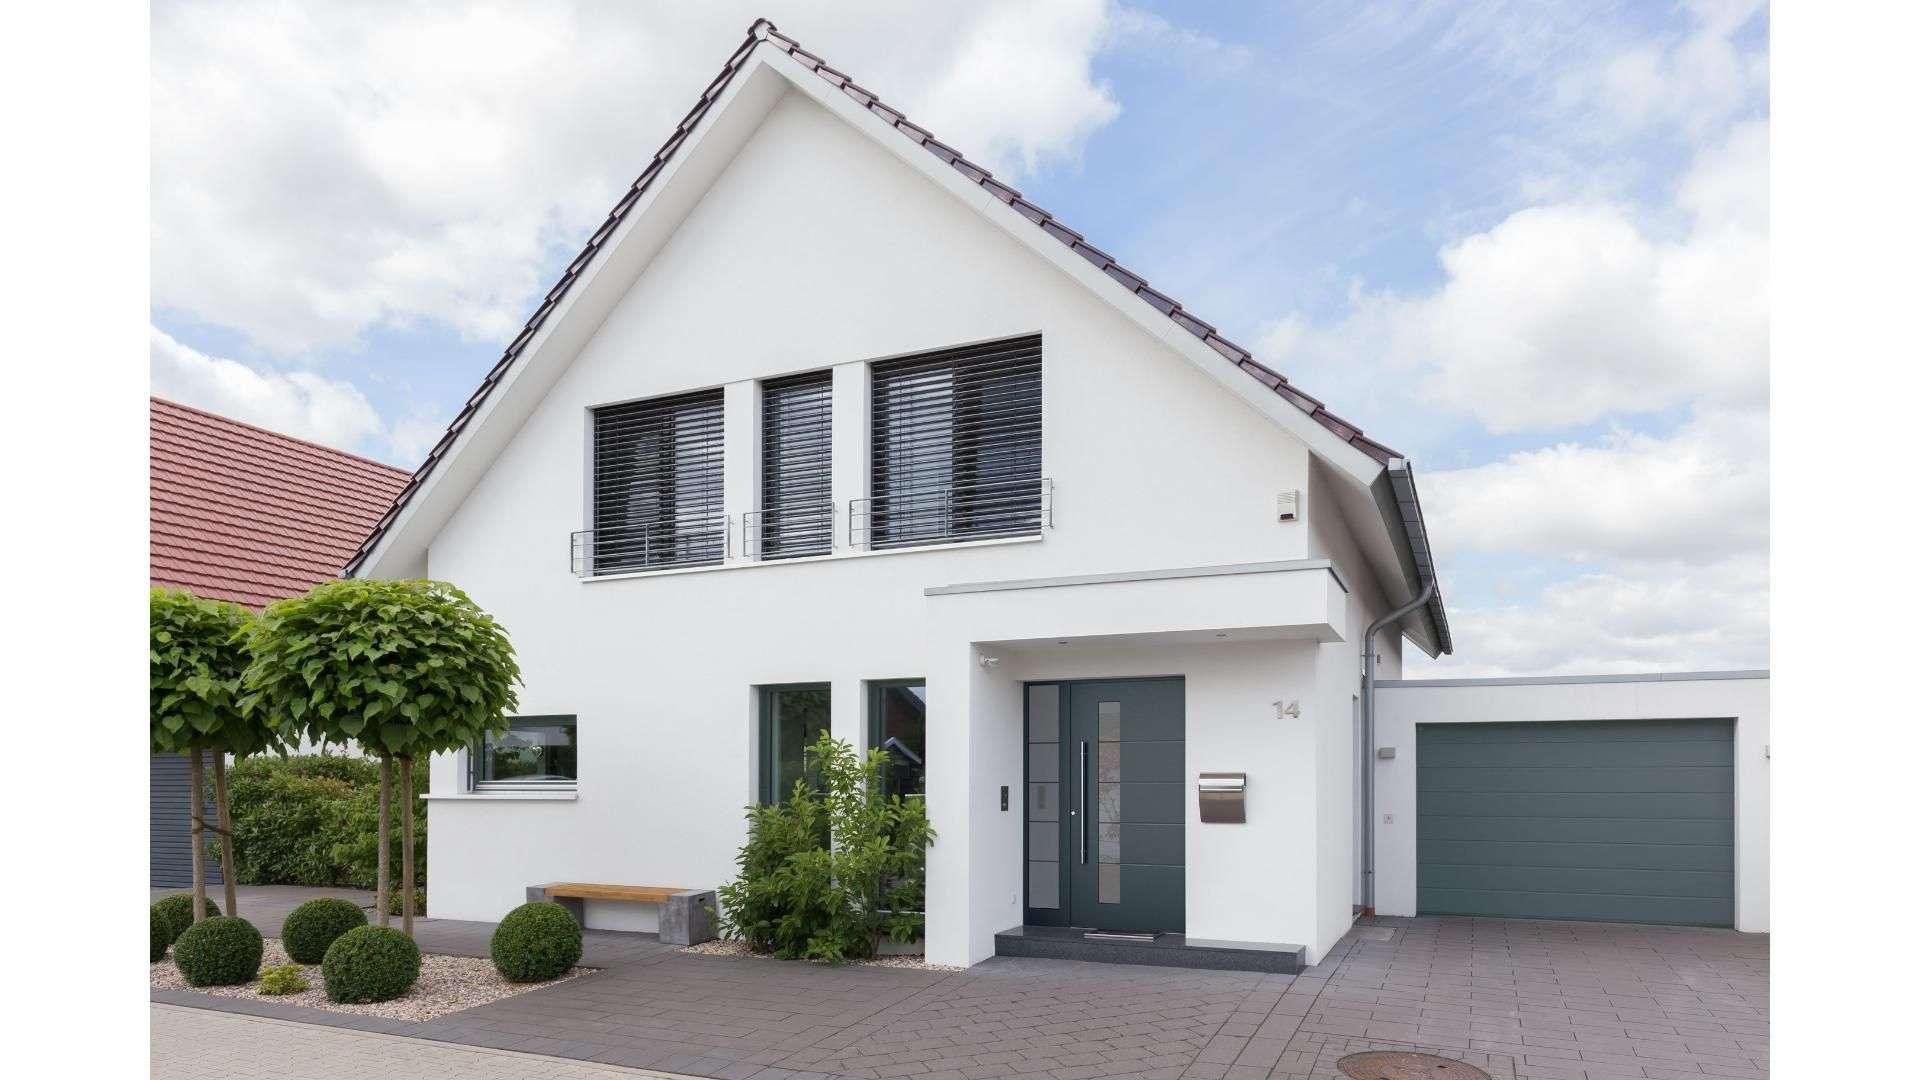 graue Haustür mit Glaselement auf der linken Seite in einem weißen Haus